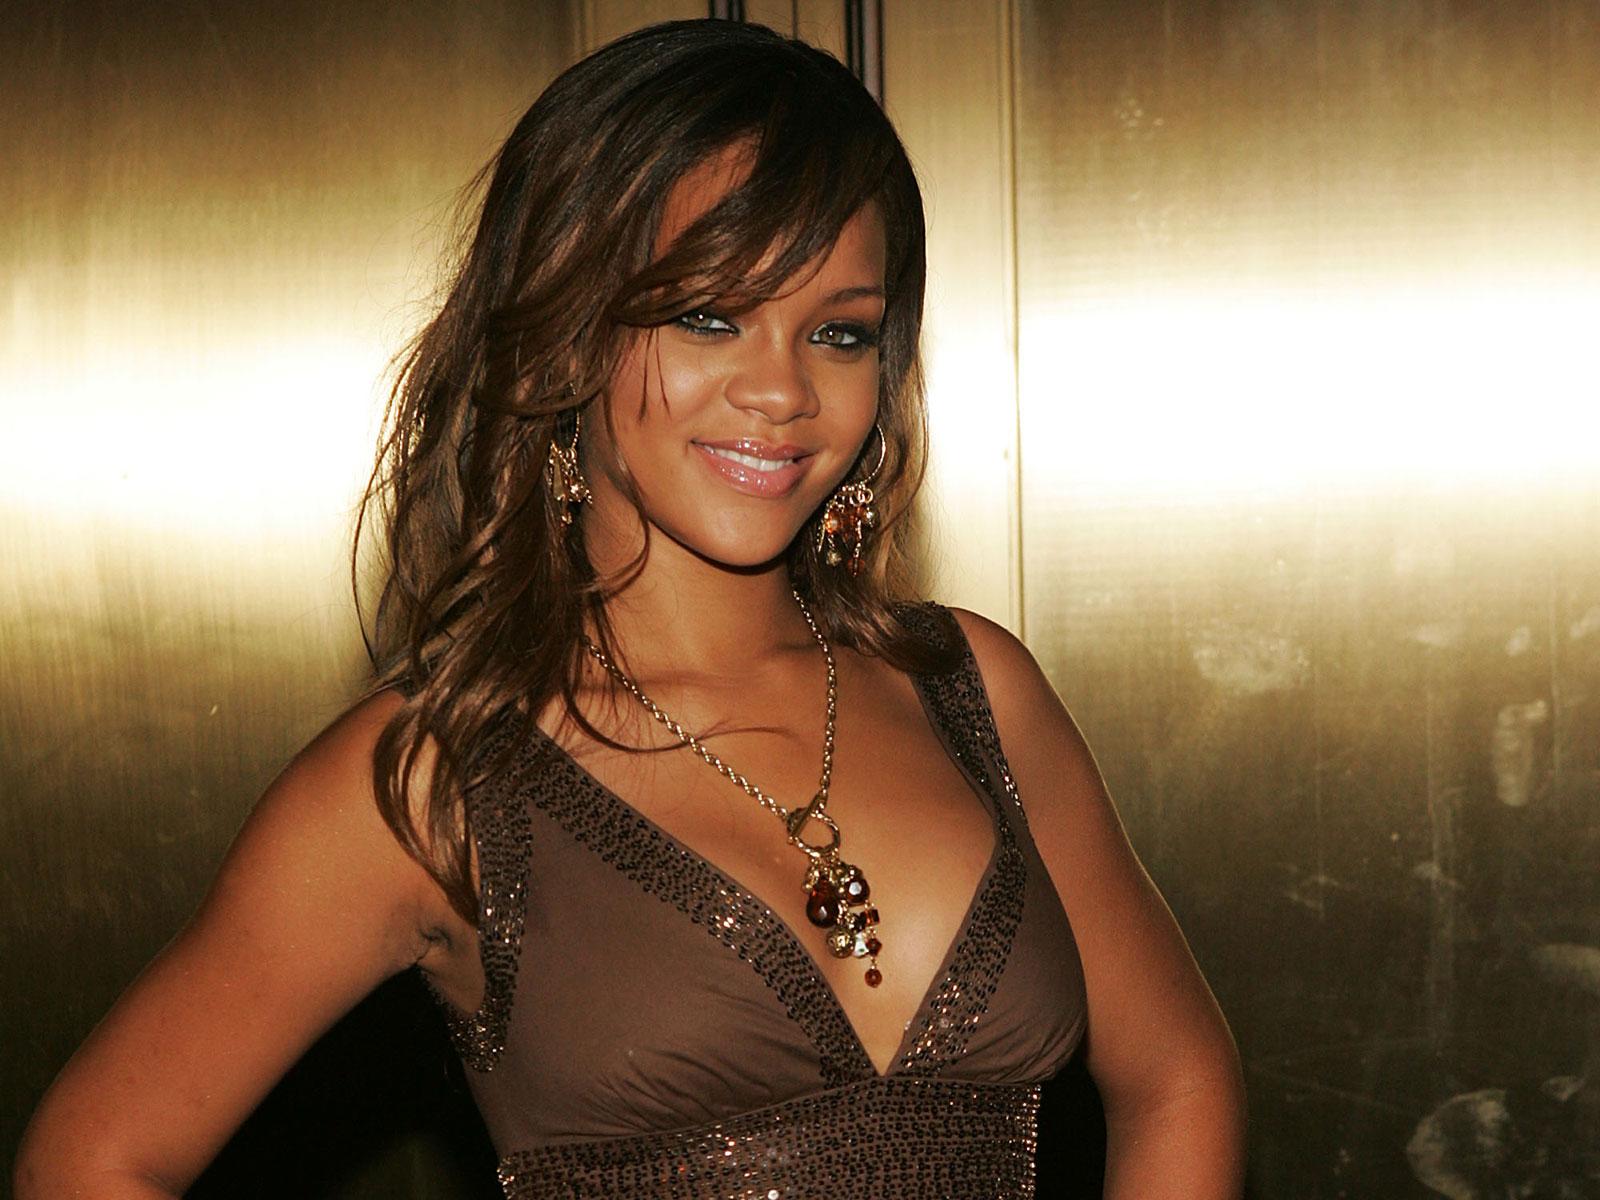 http://1.bp.blogspot.com/-zEU0-KpnDXE/UDJyfoxaO3I/AAAAAAAADWI/UwpxoP96nTM/s1600/Rihanna_0014-790191.jpg